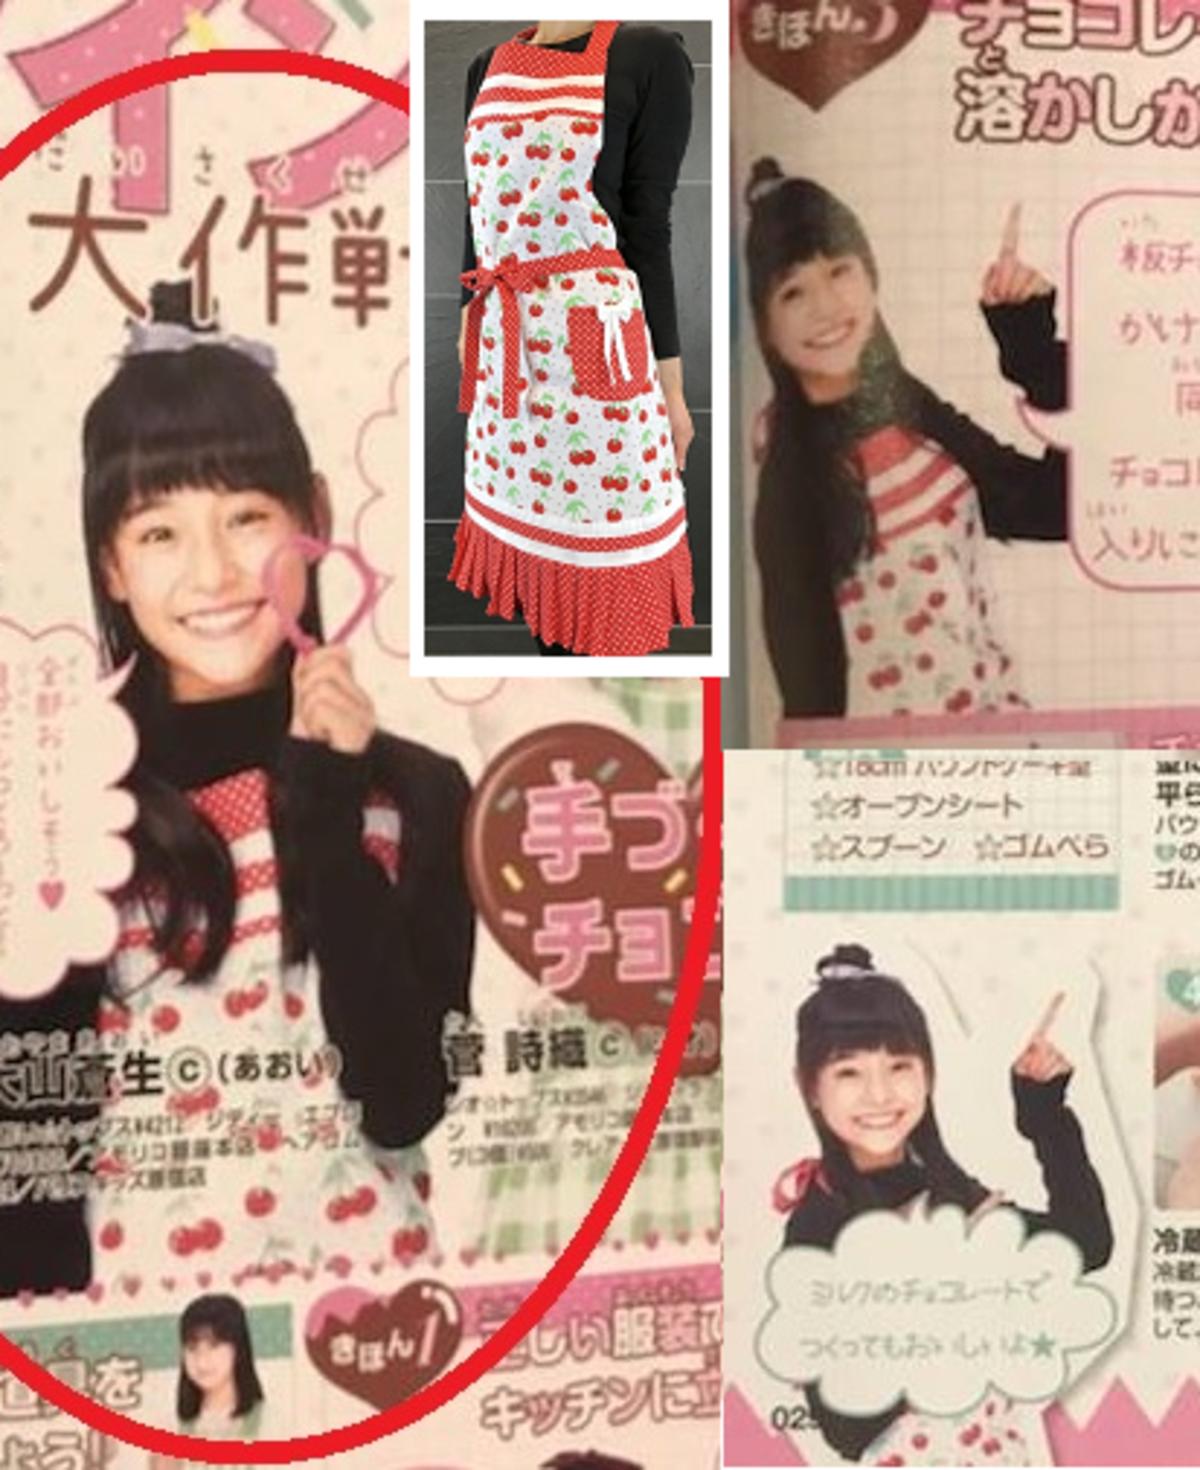 Valentine's Day In Japanese Magazine